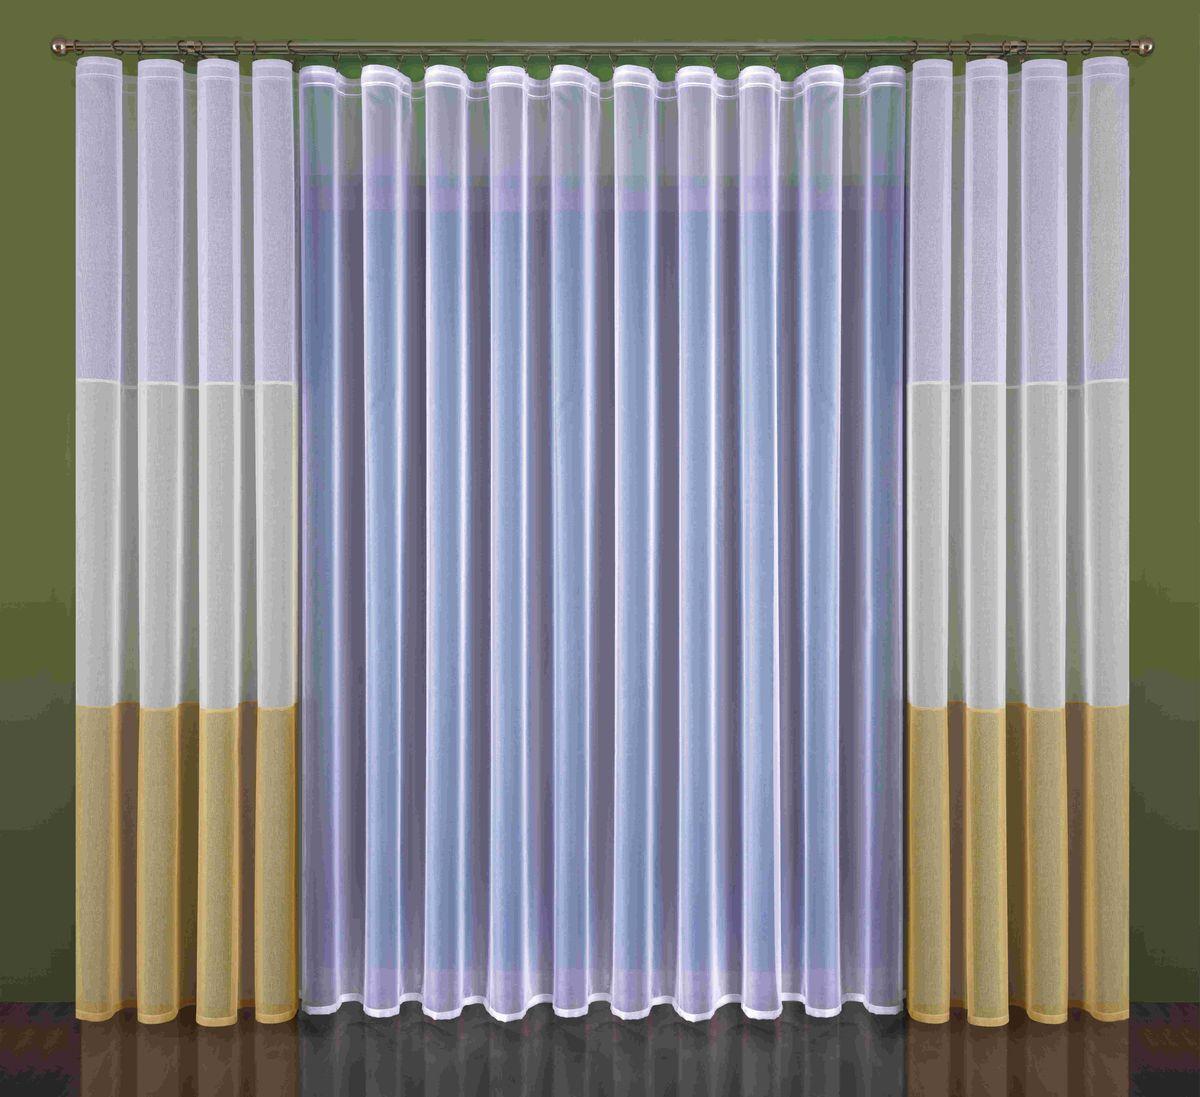 Комплект штор Wisan Kleonia, на ленте, цвет: белый, бежевый, высота 250 см338WКомплект штор Wisan Kleonia выполненный из полиэстера, великолепно украсит любое окно. В комплект входят 2 шторы и плотный тюль. Оригинальный дизайн придает комплекту особый стиль и шарм. Качественный материал и тонкое плетение, нежная цветовая гамма и роскошное исполнение - все это делает шторы Wisan Kleonia замечательным дополнением интерьера помещения. Комплект оснащен шторной лентой для красивой сборки. В комплект входит: Тюль - 1 шт. Размер (ШхВ): 500 см х 250 см. Штора - 2 шт. Размер (ШхВ): 140 см х 250 см. Фирма Wisan на польском рынке существует уже более пятидесяти лет и является одной из лучших польских фабрик по производству штор и тканей. Ассортимент фирмы представлен готовыми комплектами штор для гостиной, детской, кухни, а также текстилем для кухни (скатерти, салфетки, дорожки, кухонные занавески). Модельный ряд отличает оригинальный дизайн, высокое качество. Ассортимент продукции постоянно пополняется....